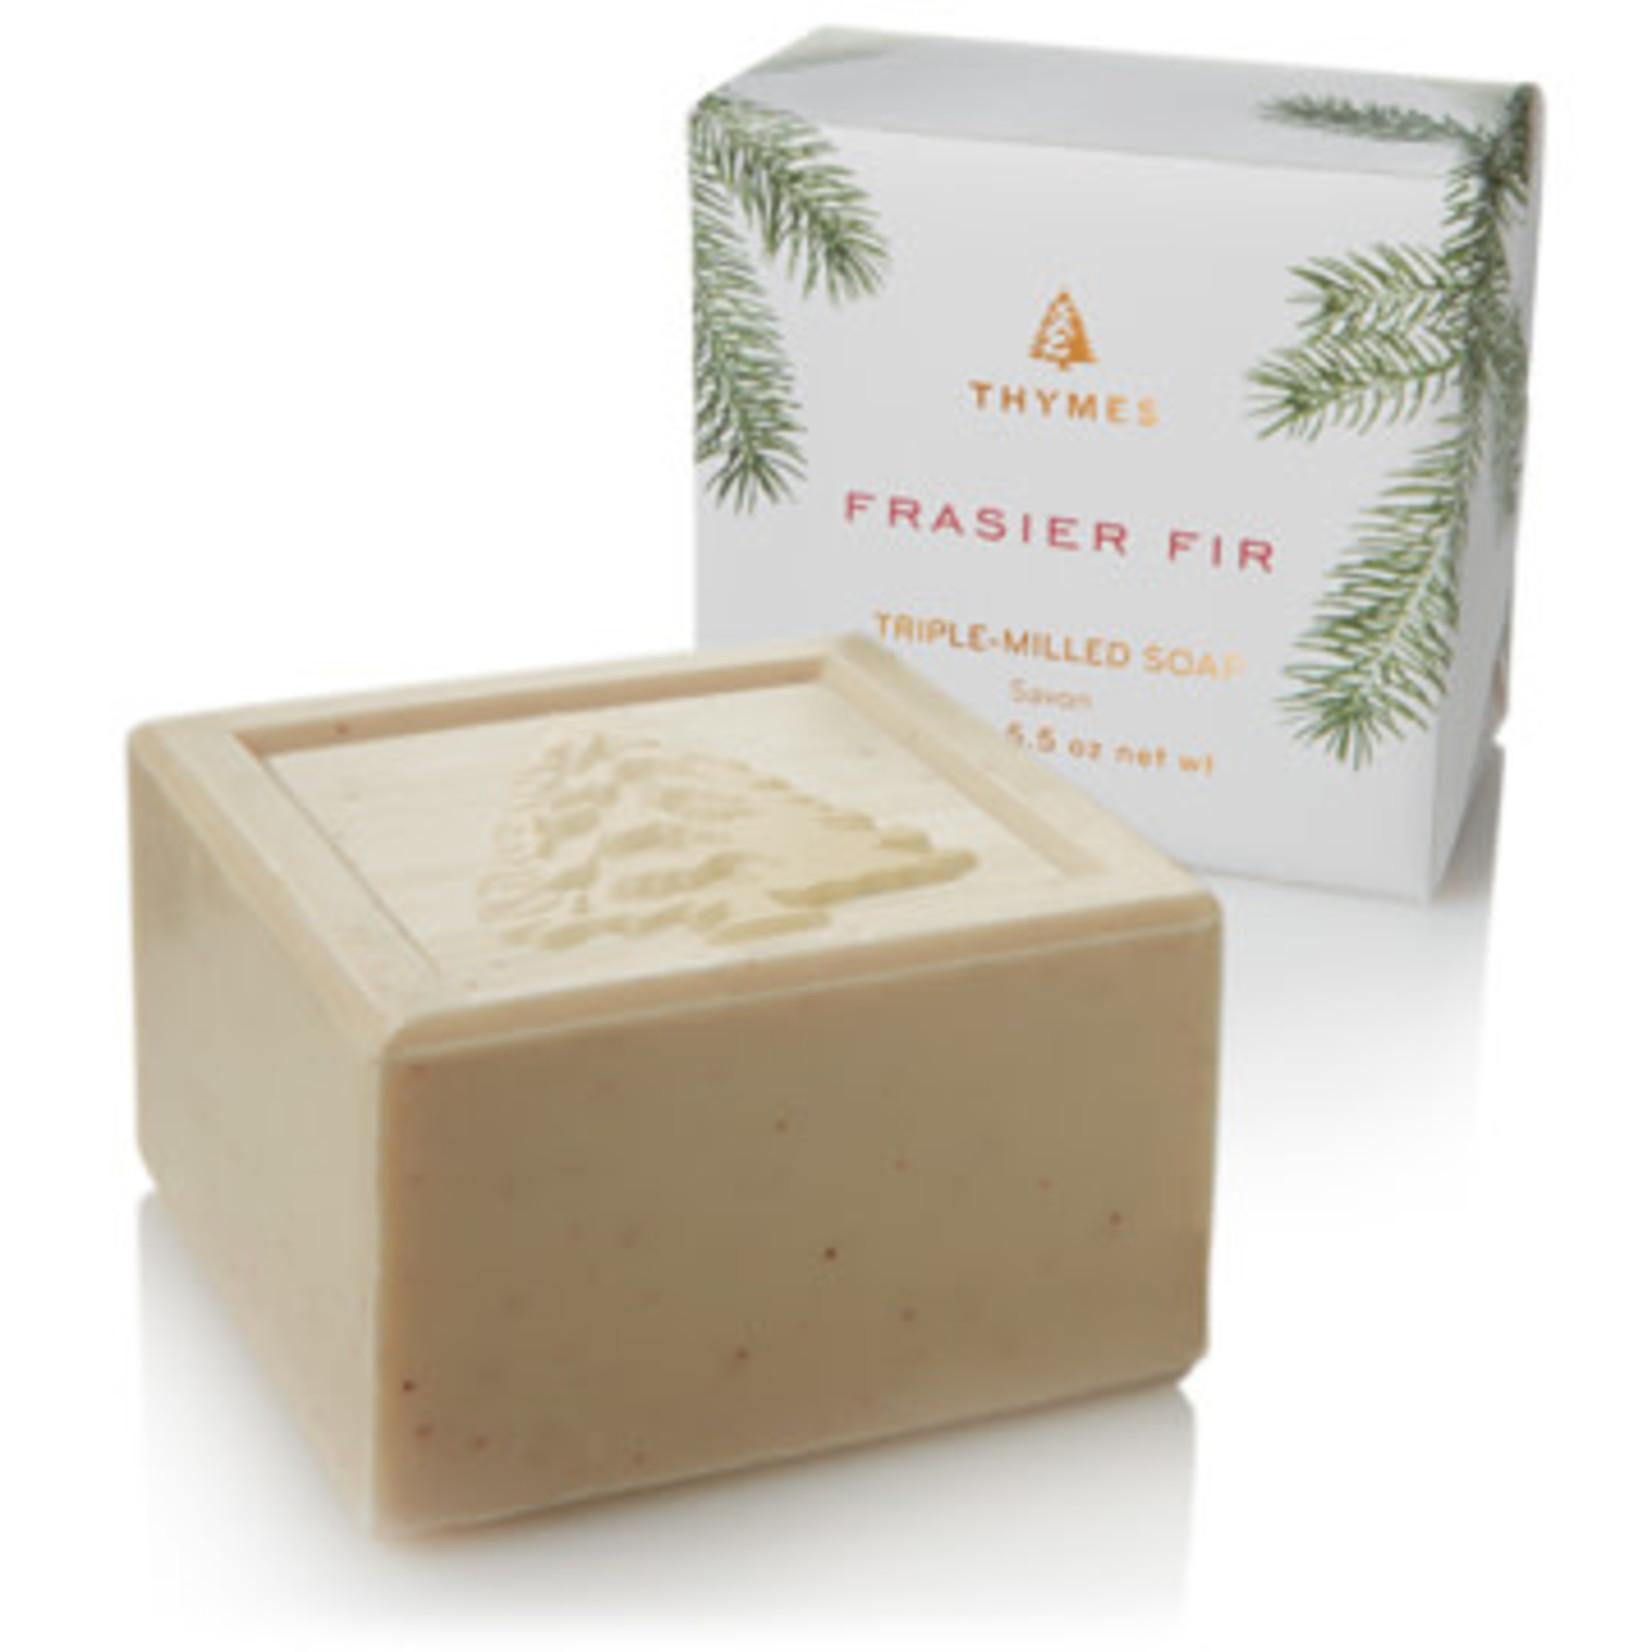 FRASIER FIR - barre à savon